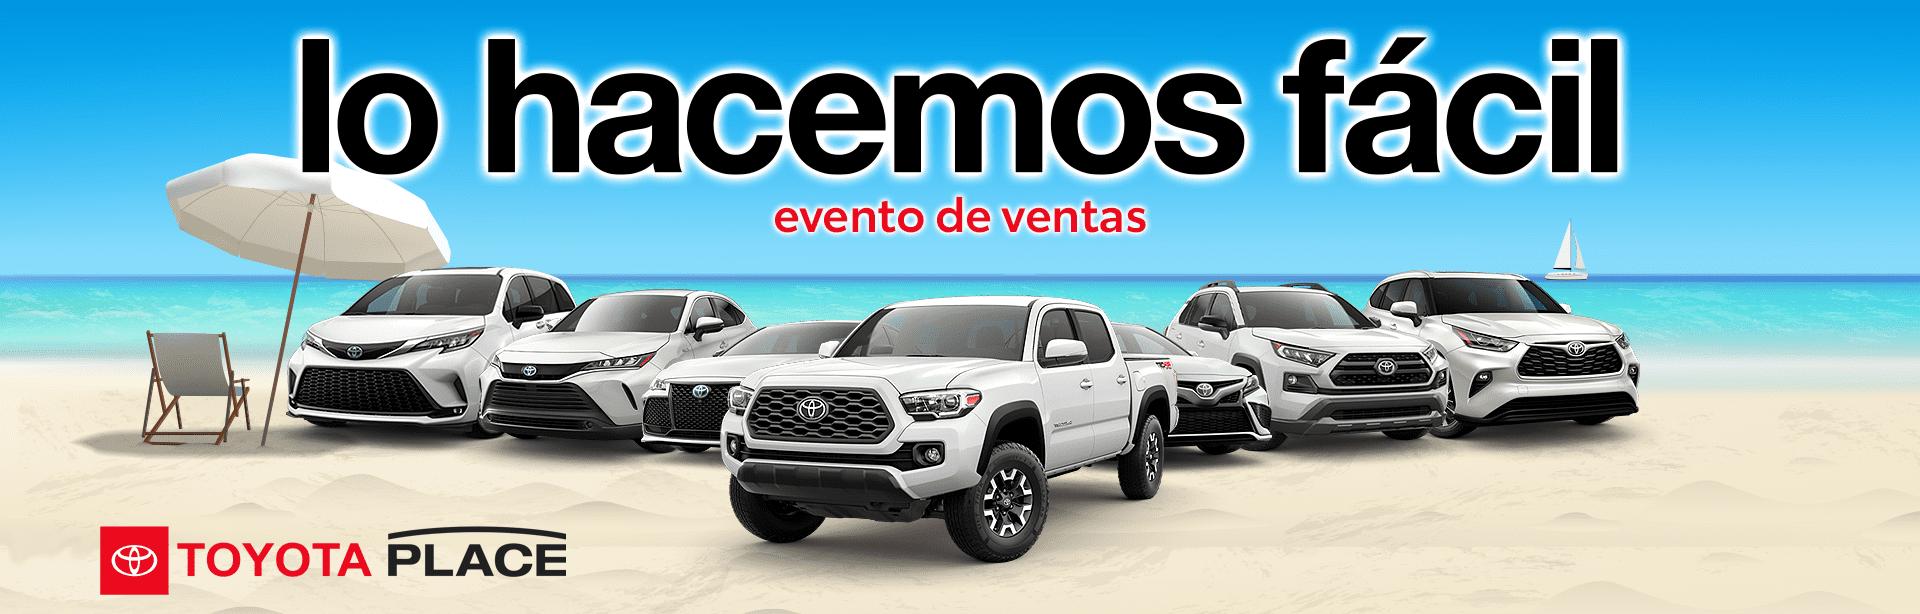 julio evento de ventas 2021